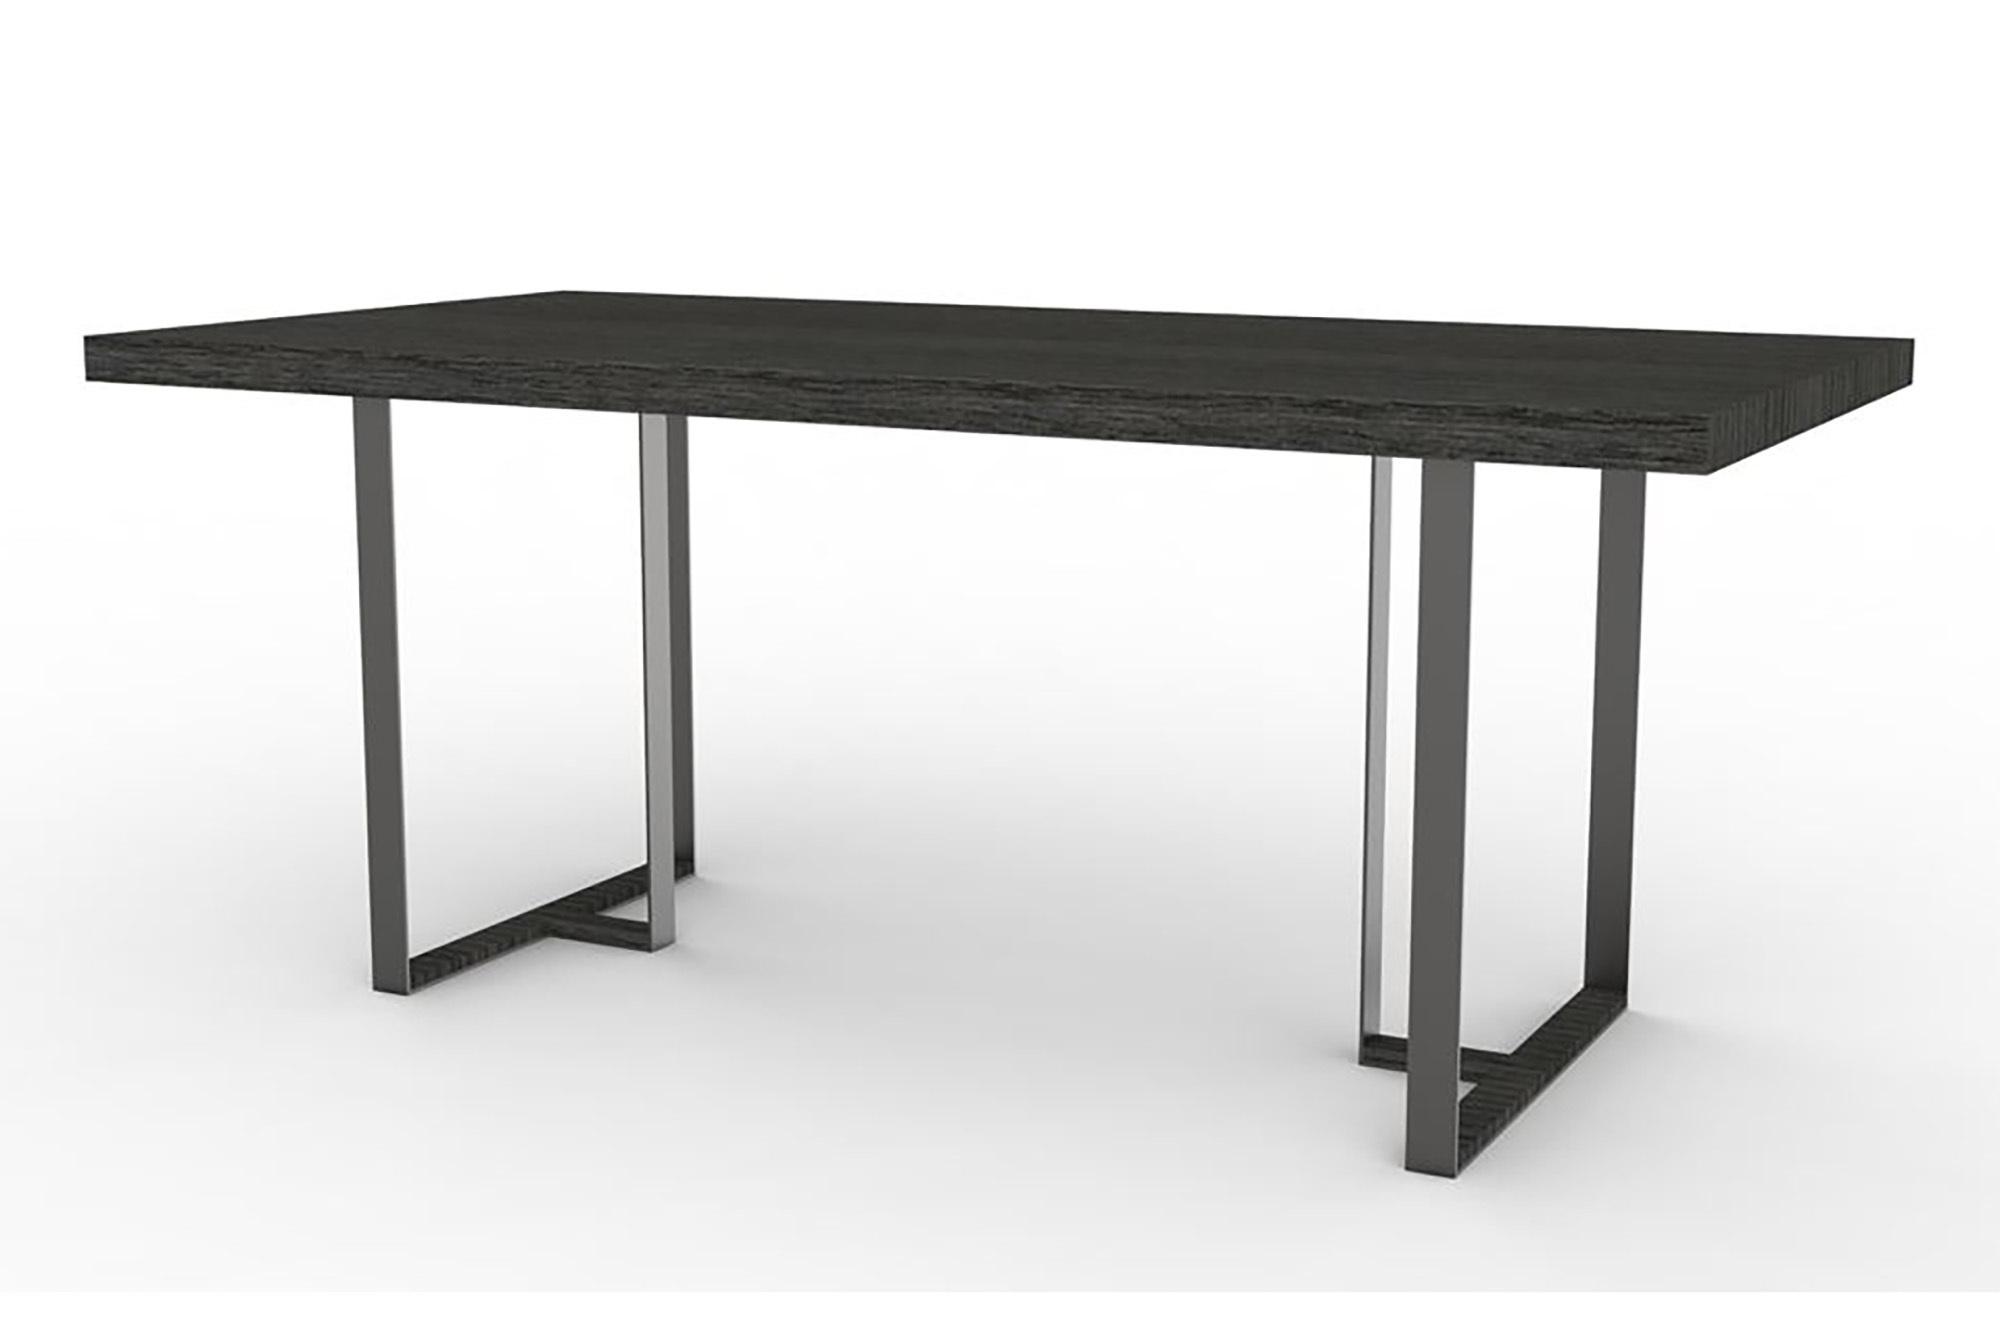 Starburst Dining Table Bradfords Furniture NZ : 10 from www.bradfordsfurniture.co.nz size 1393 x 928 jpeg 45kB